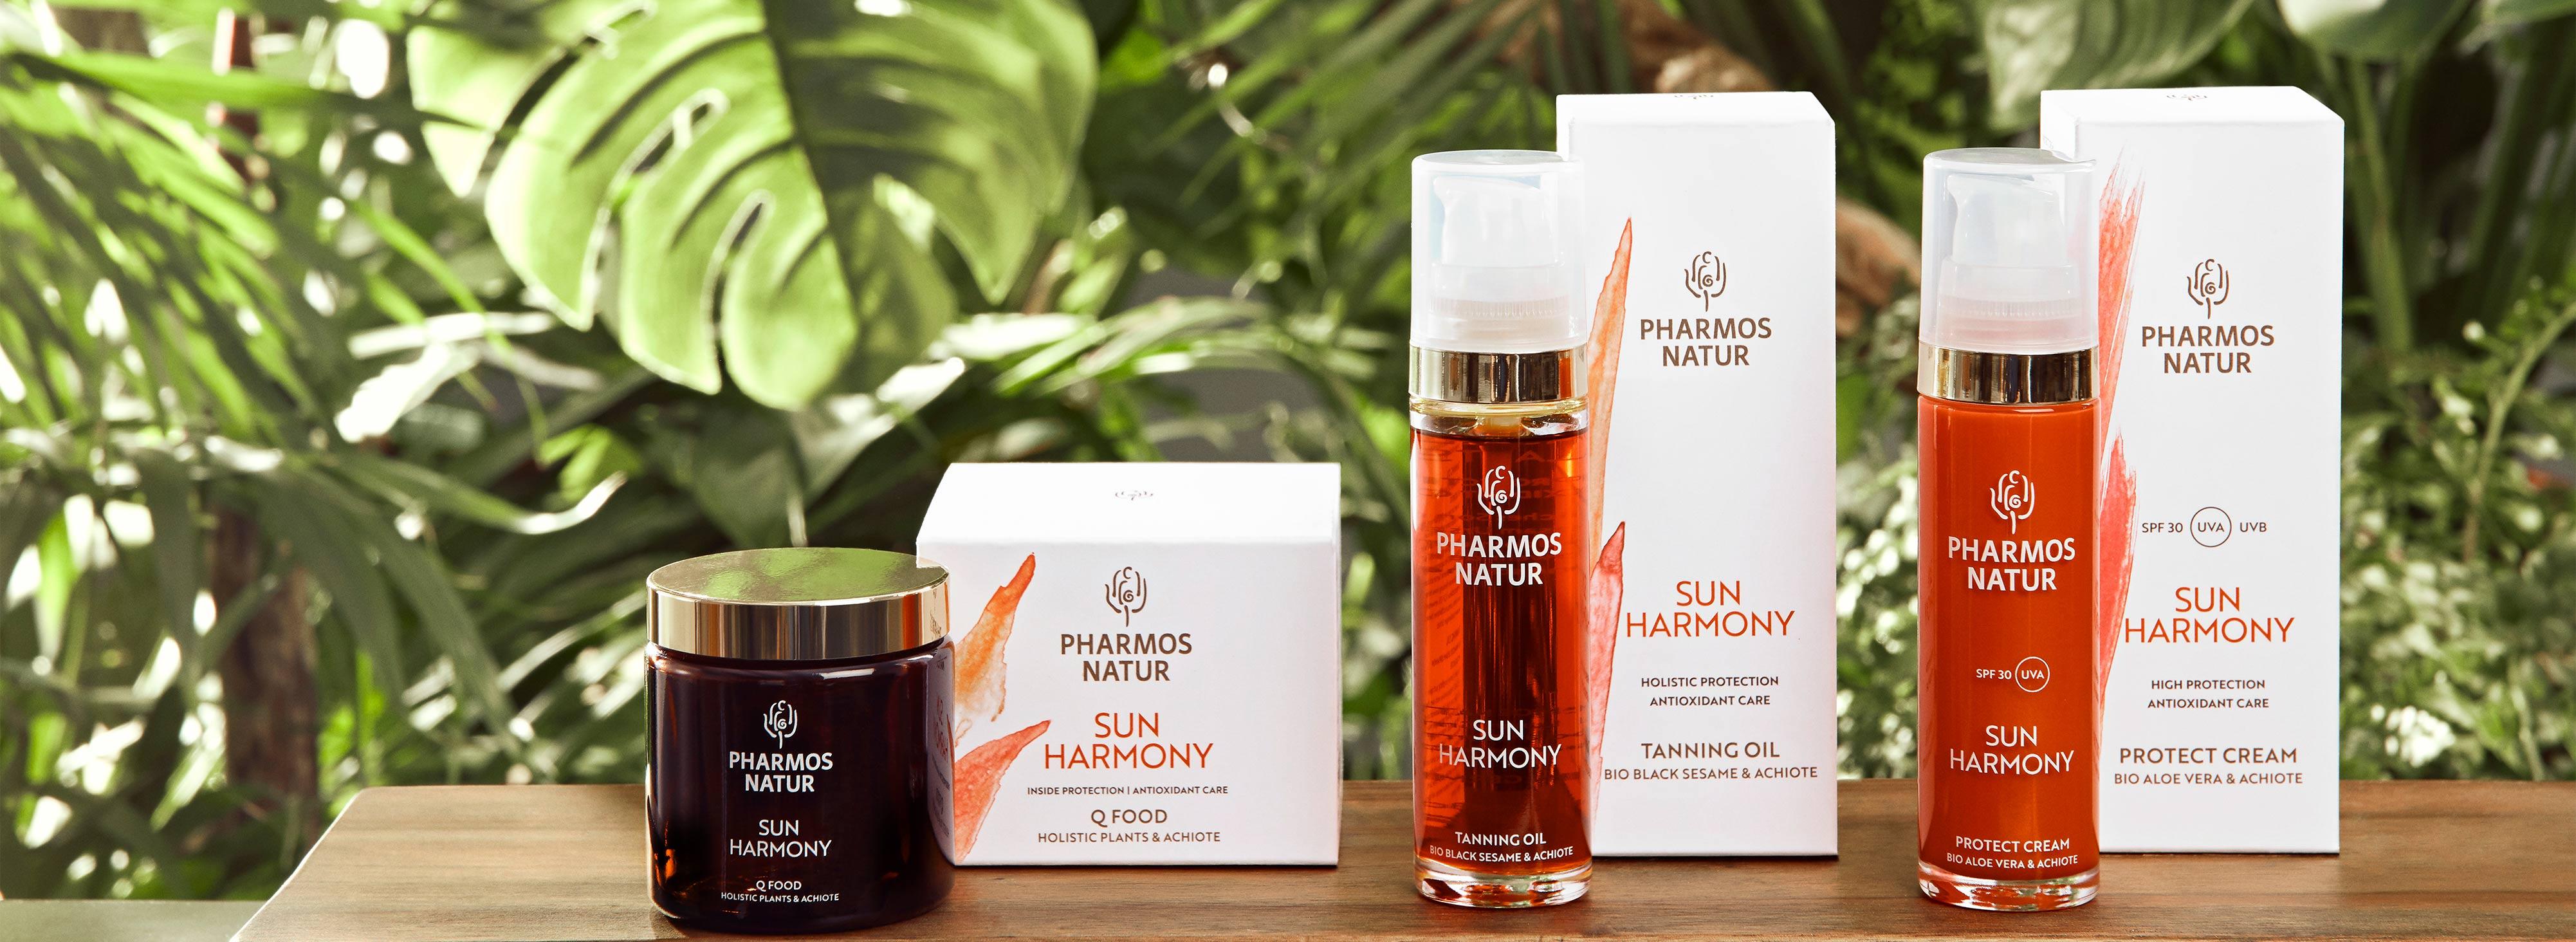 Produktlinie Sun Harmony mit Blättern im Hintergrund